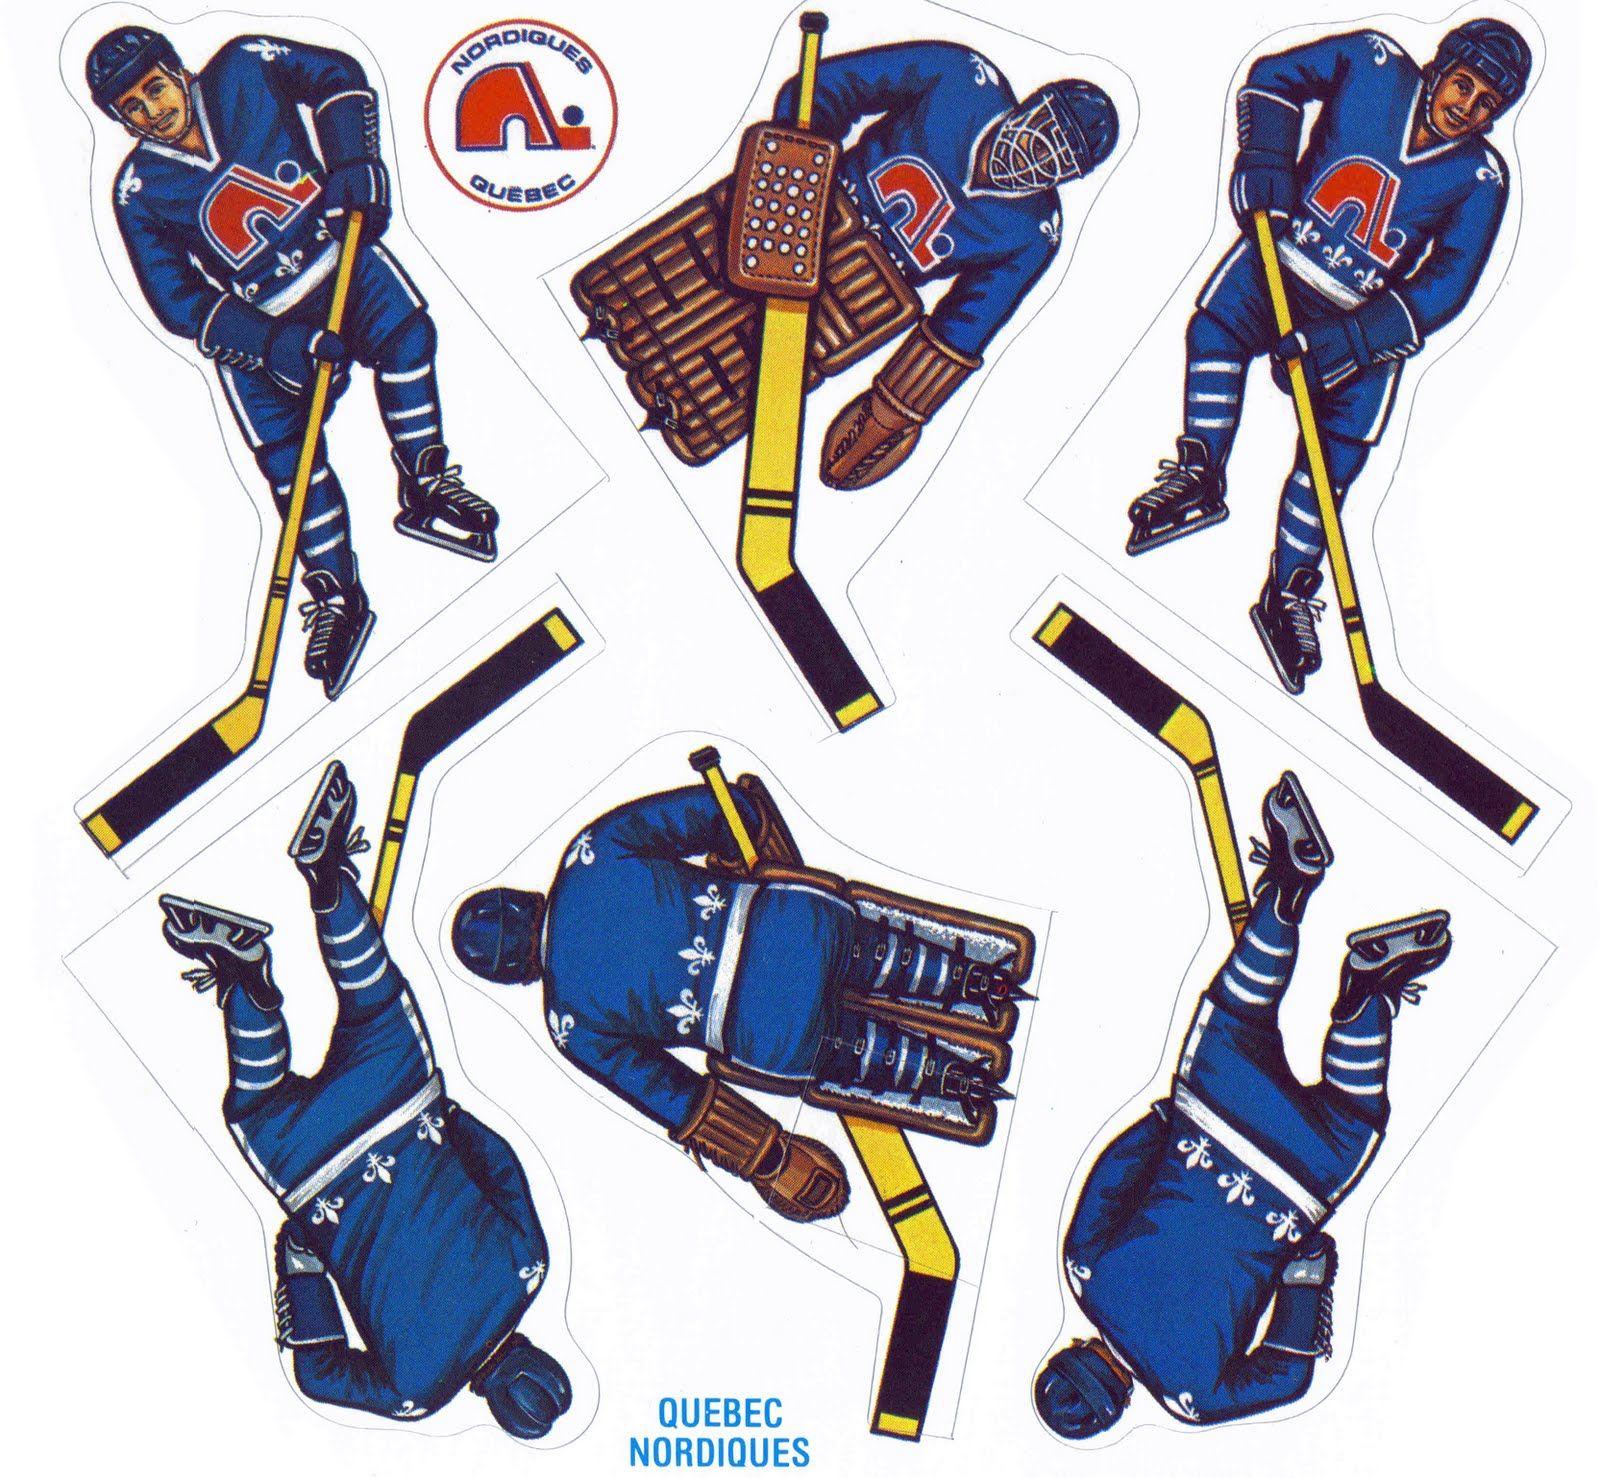 Quebec Nordiques players